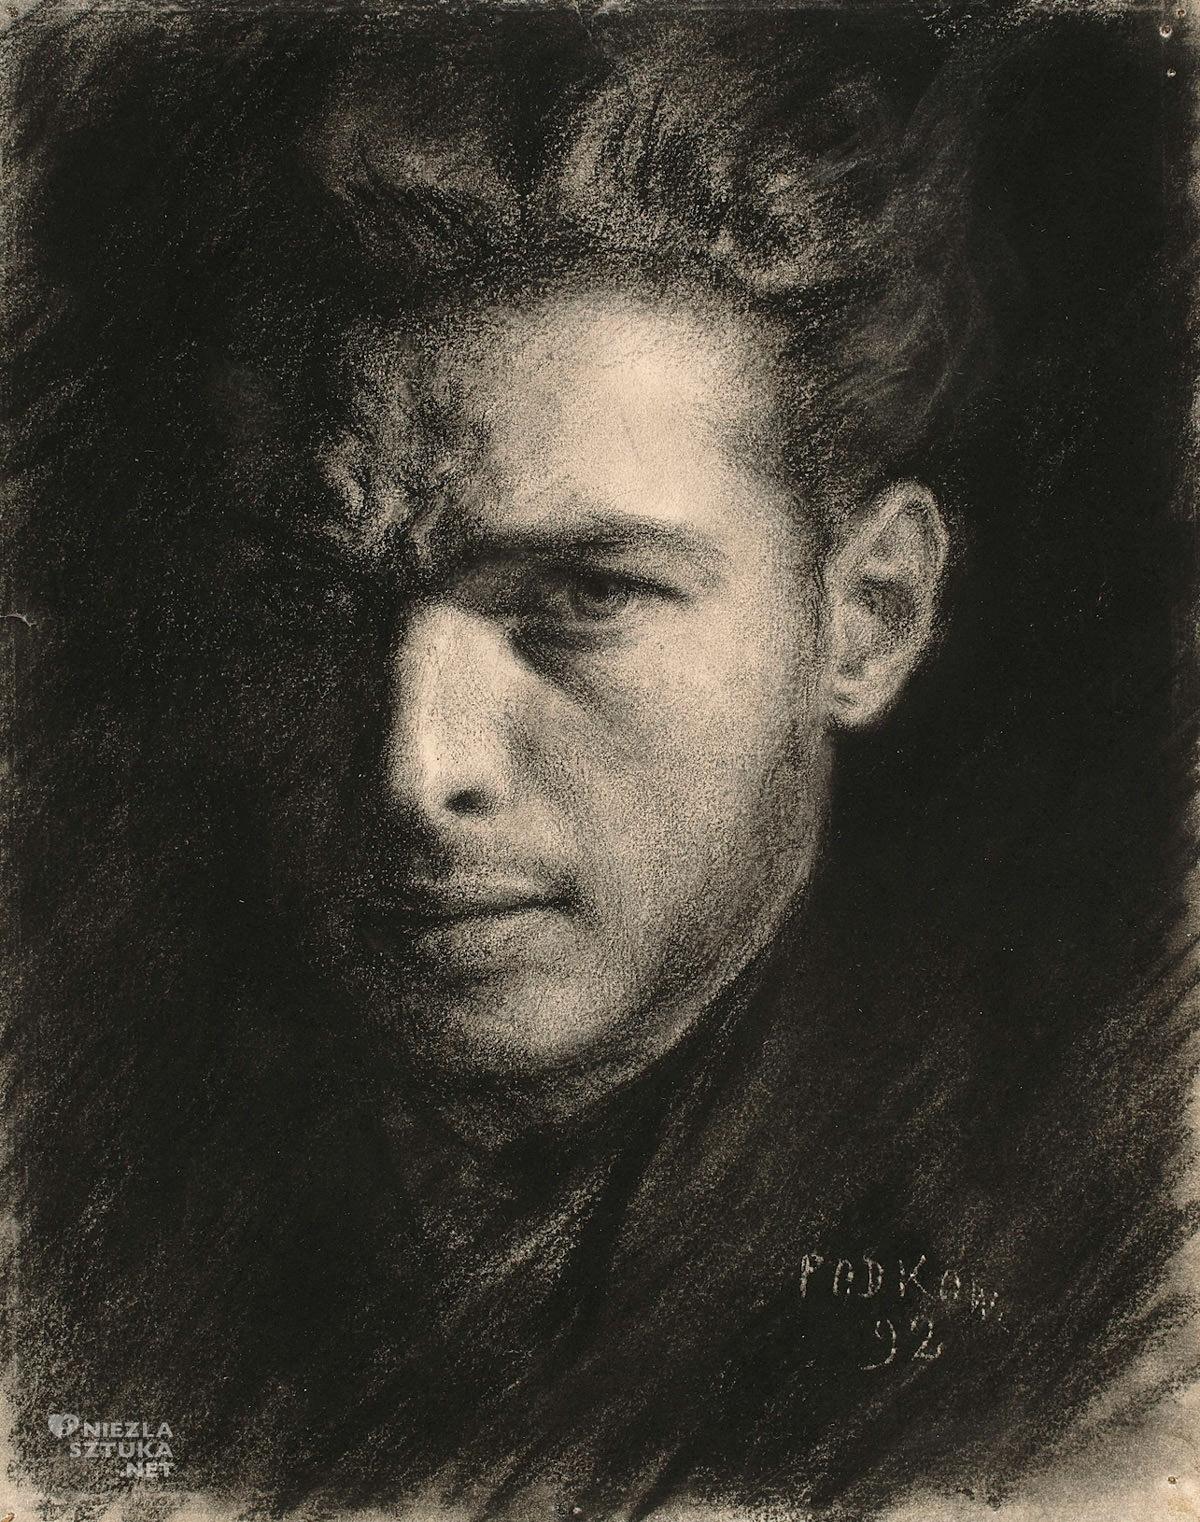 Władysław Podkowiński, Autoportret, sztuka polska, Niezła Sztuka